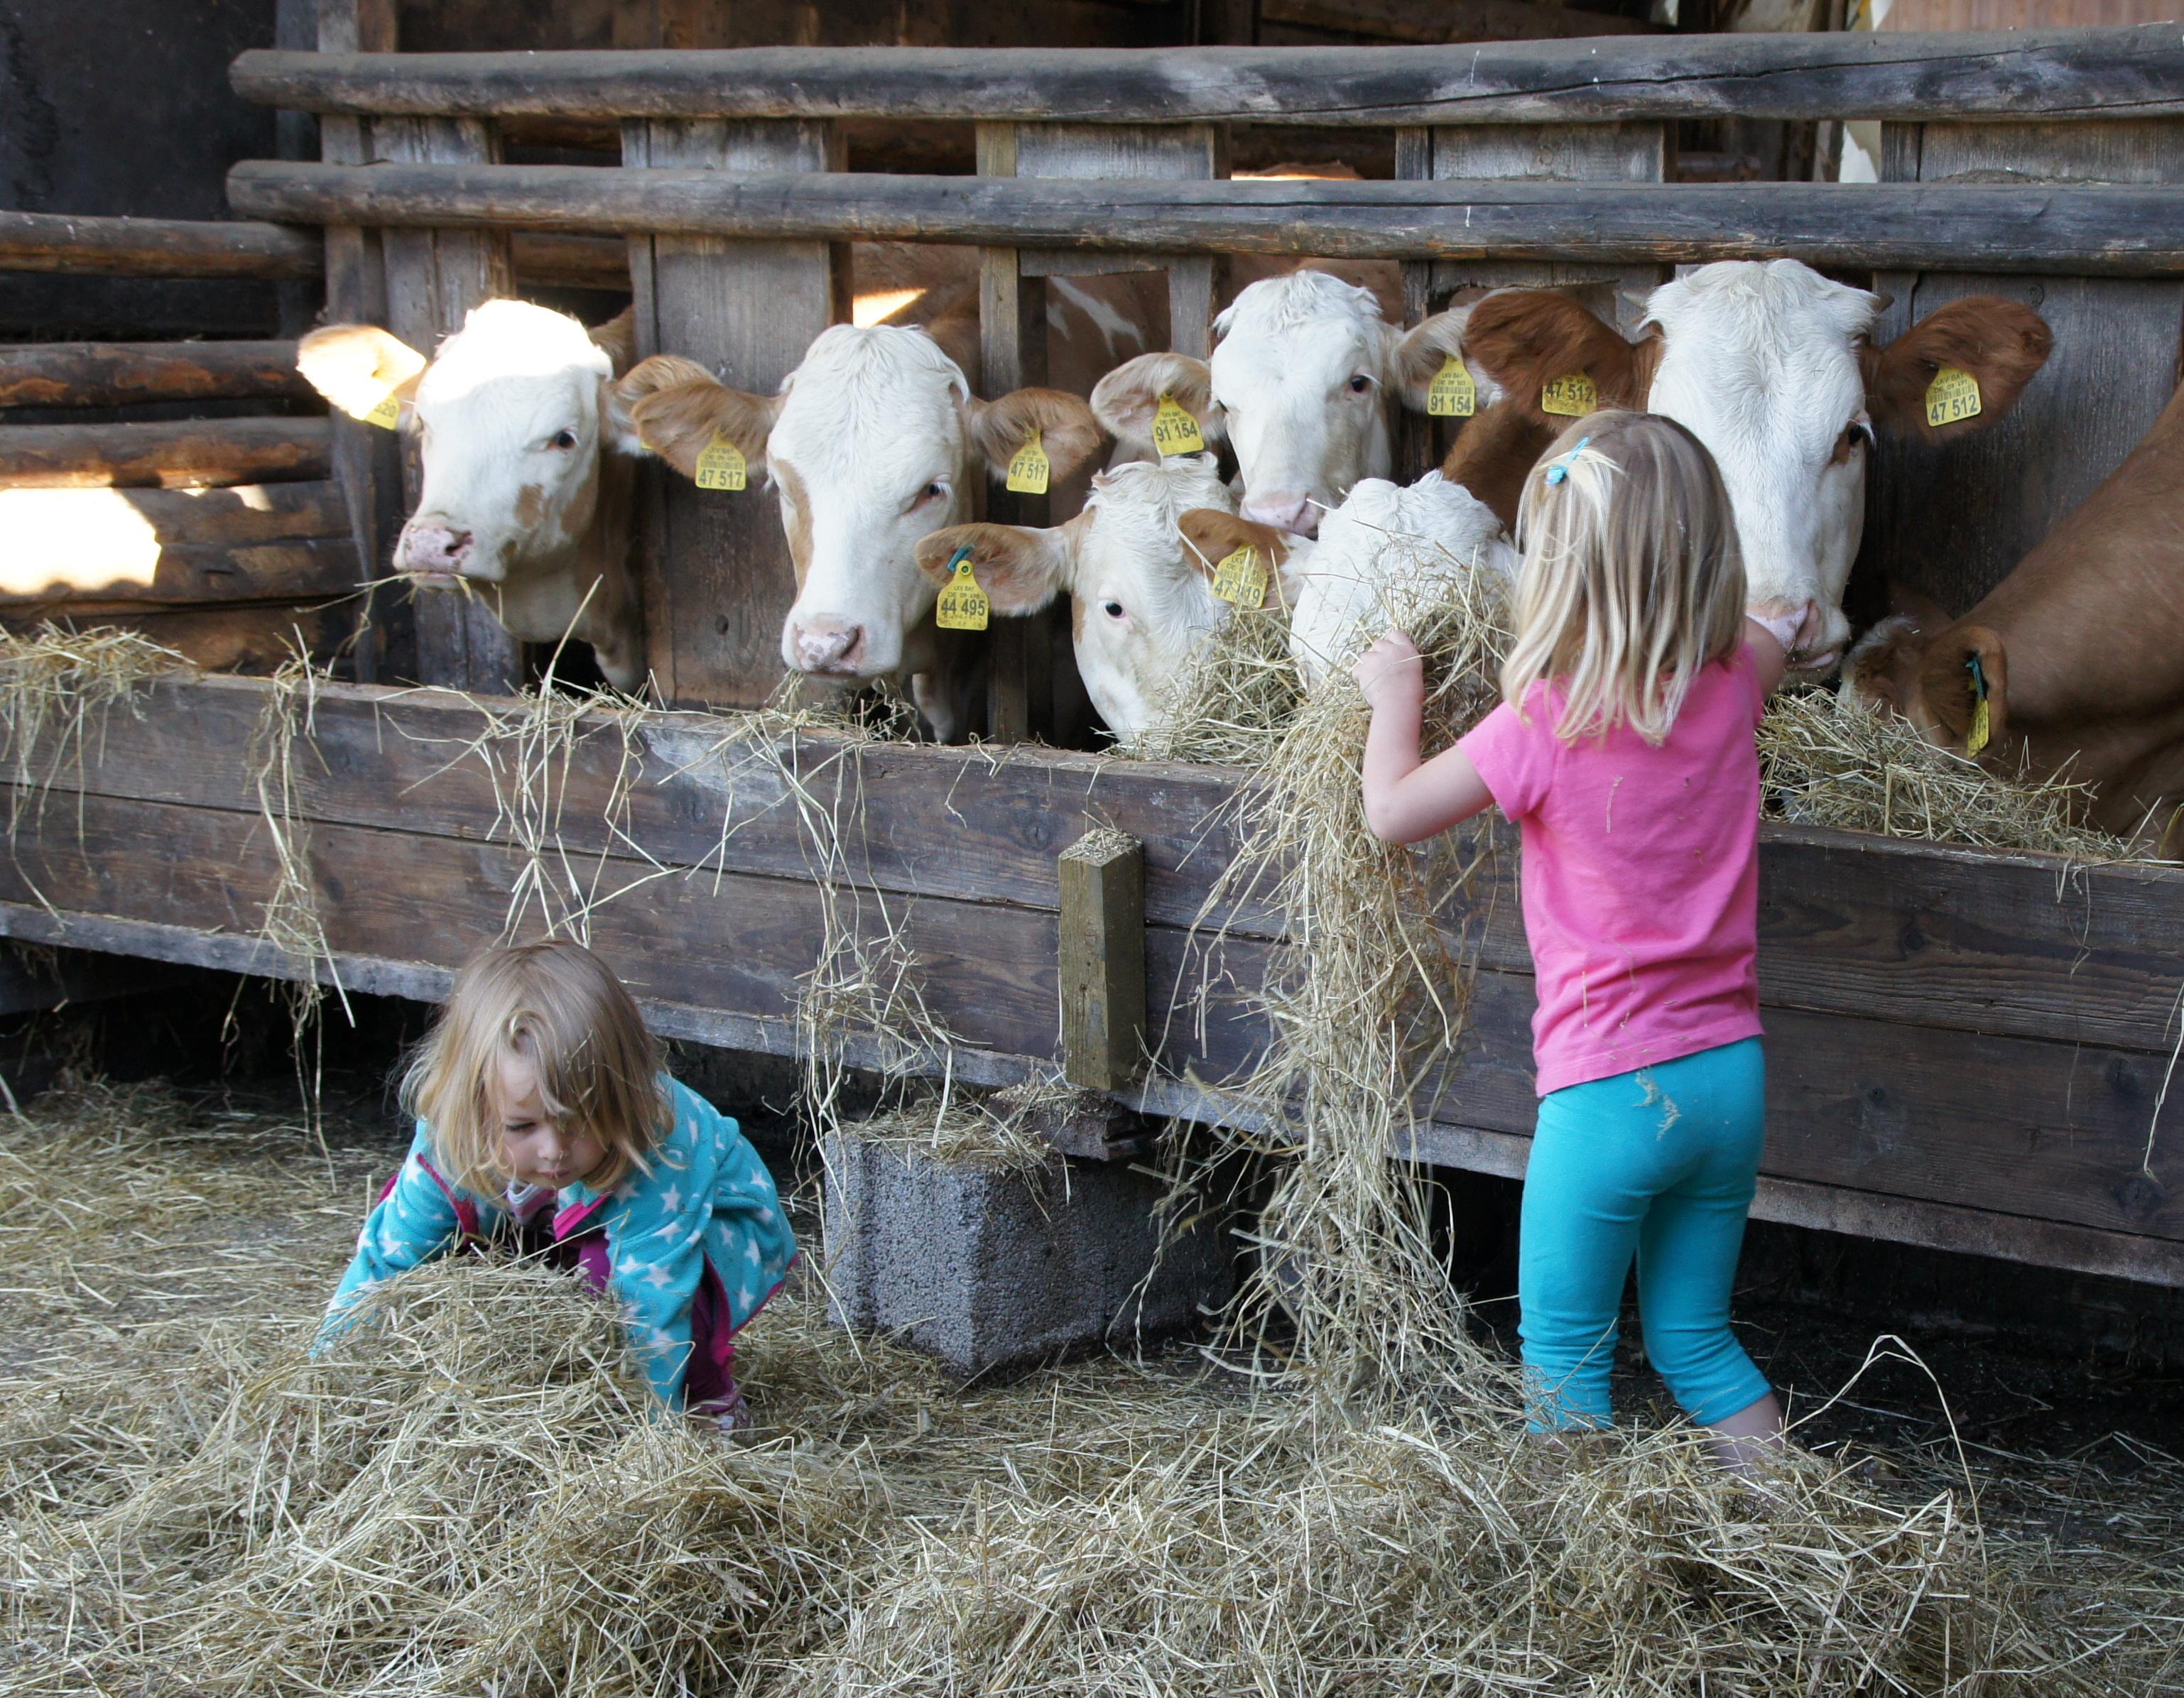 Unsere Kälber freuen sich über fleißige Fütterer!